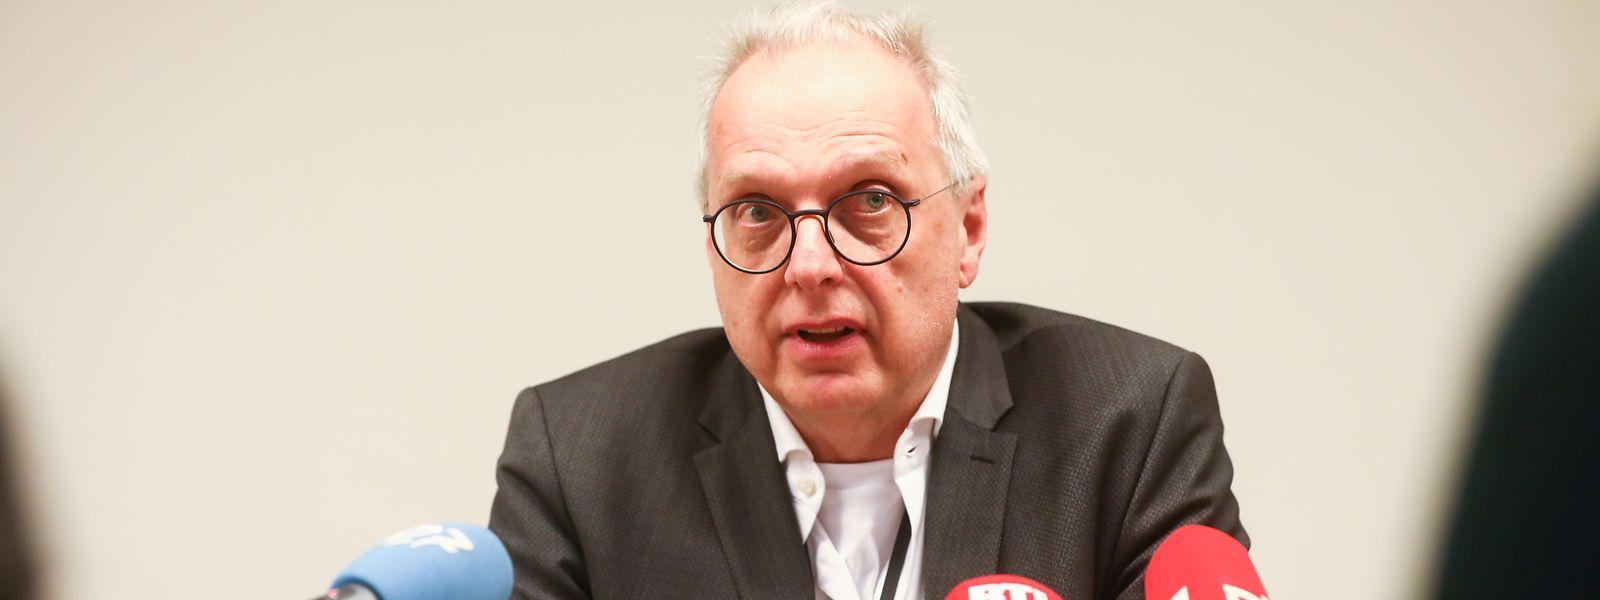 Dr. Jean-Claude Schmit, Direktor der Gesundheitsverwaltung, gibt sich zuversichtlich, dass die ausländischen Behörden ihre Arbeit tun.